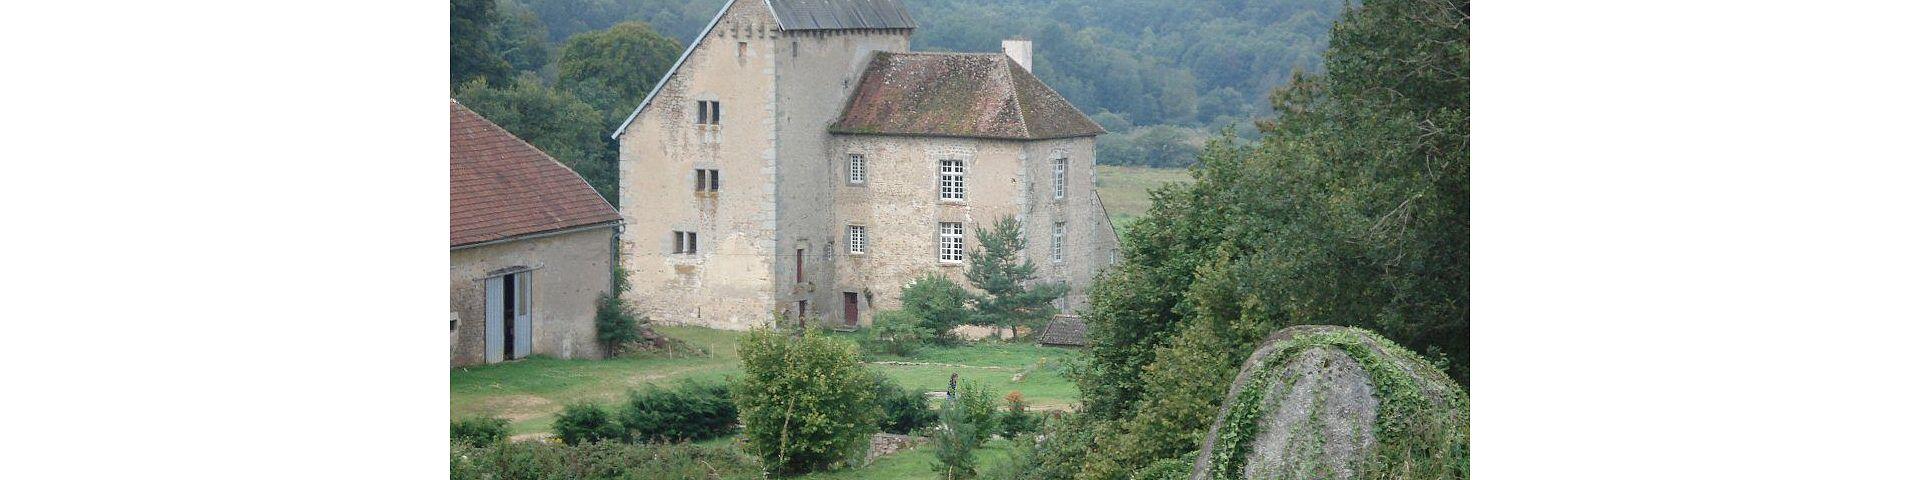 St-Martin-de-la-Mer - Château de Conforgien (21)